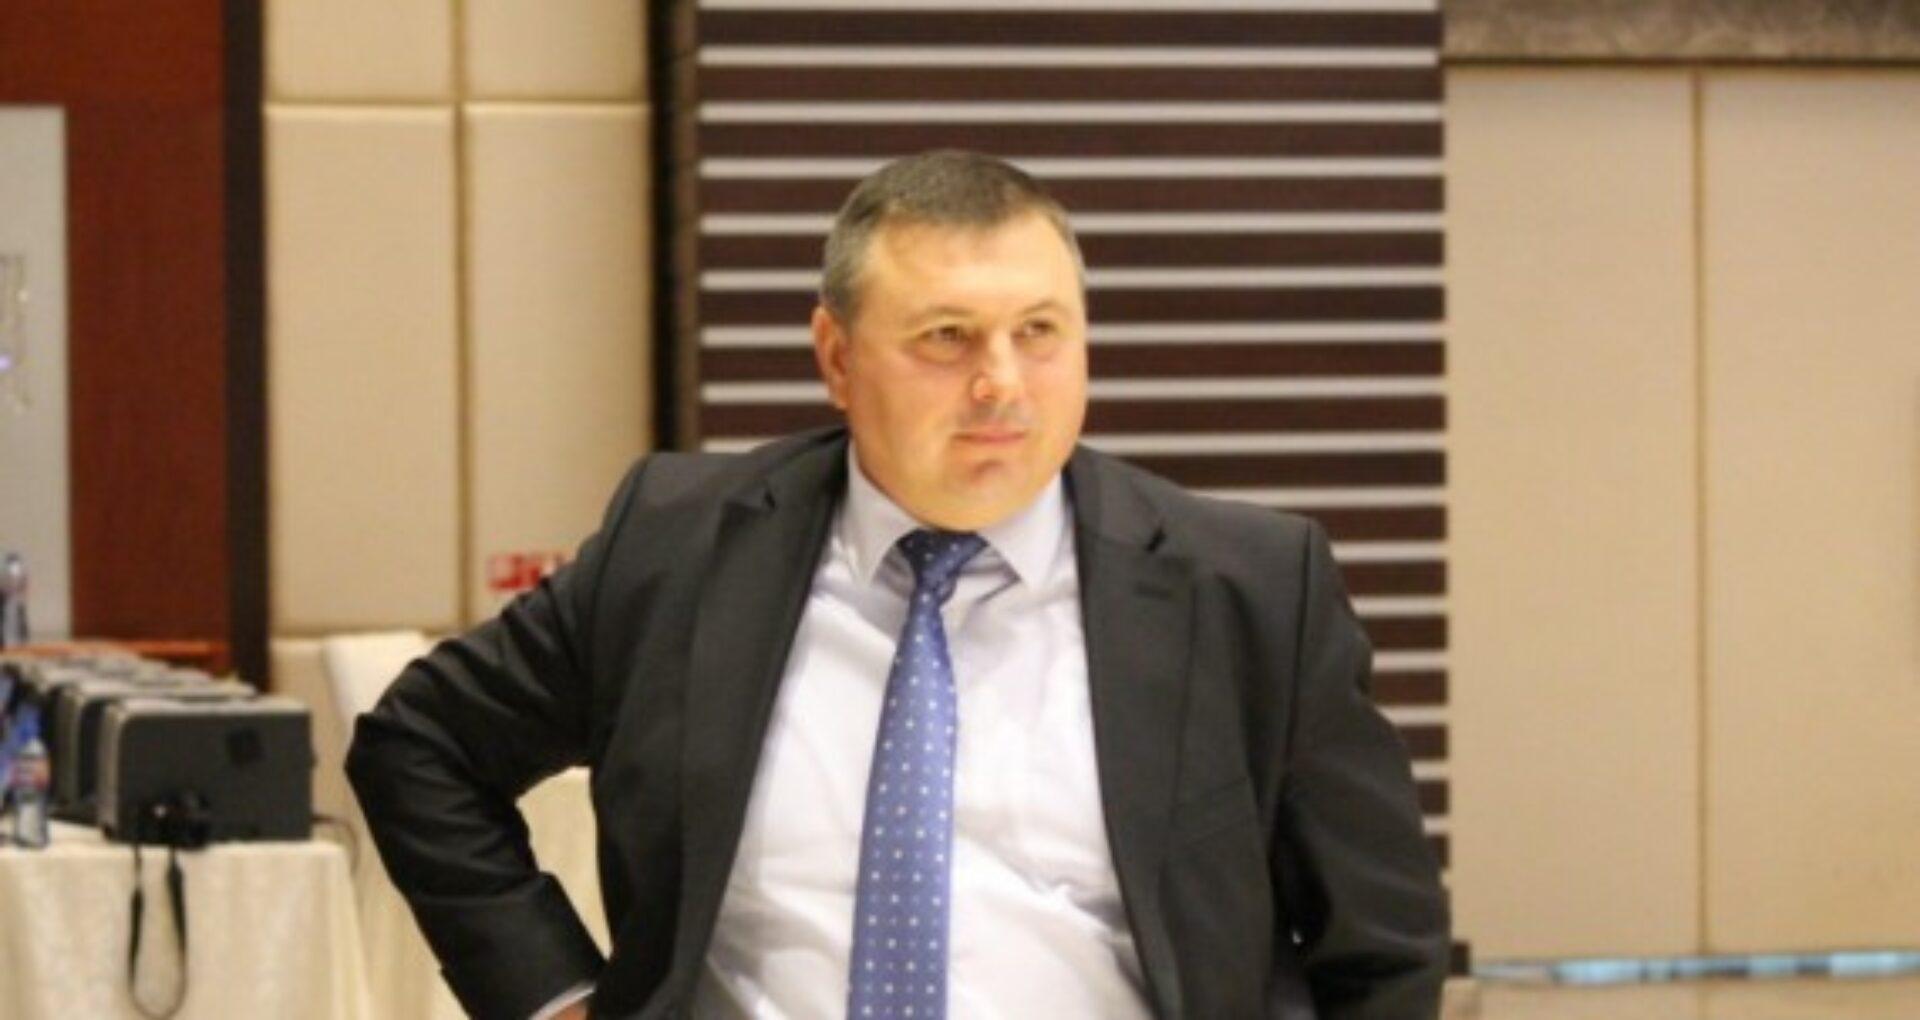 DOC/ Fostul președinte interimar al CSM a depus o sesizare la Consiliul de Integritate împotriva președintei ANI și a unui inspector de integritate